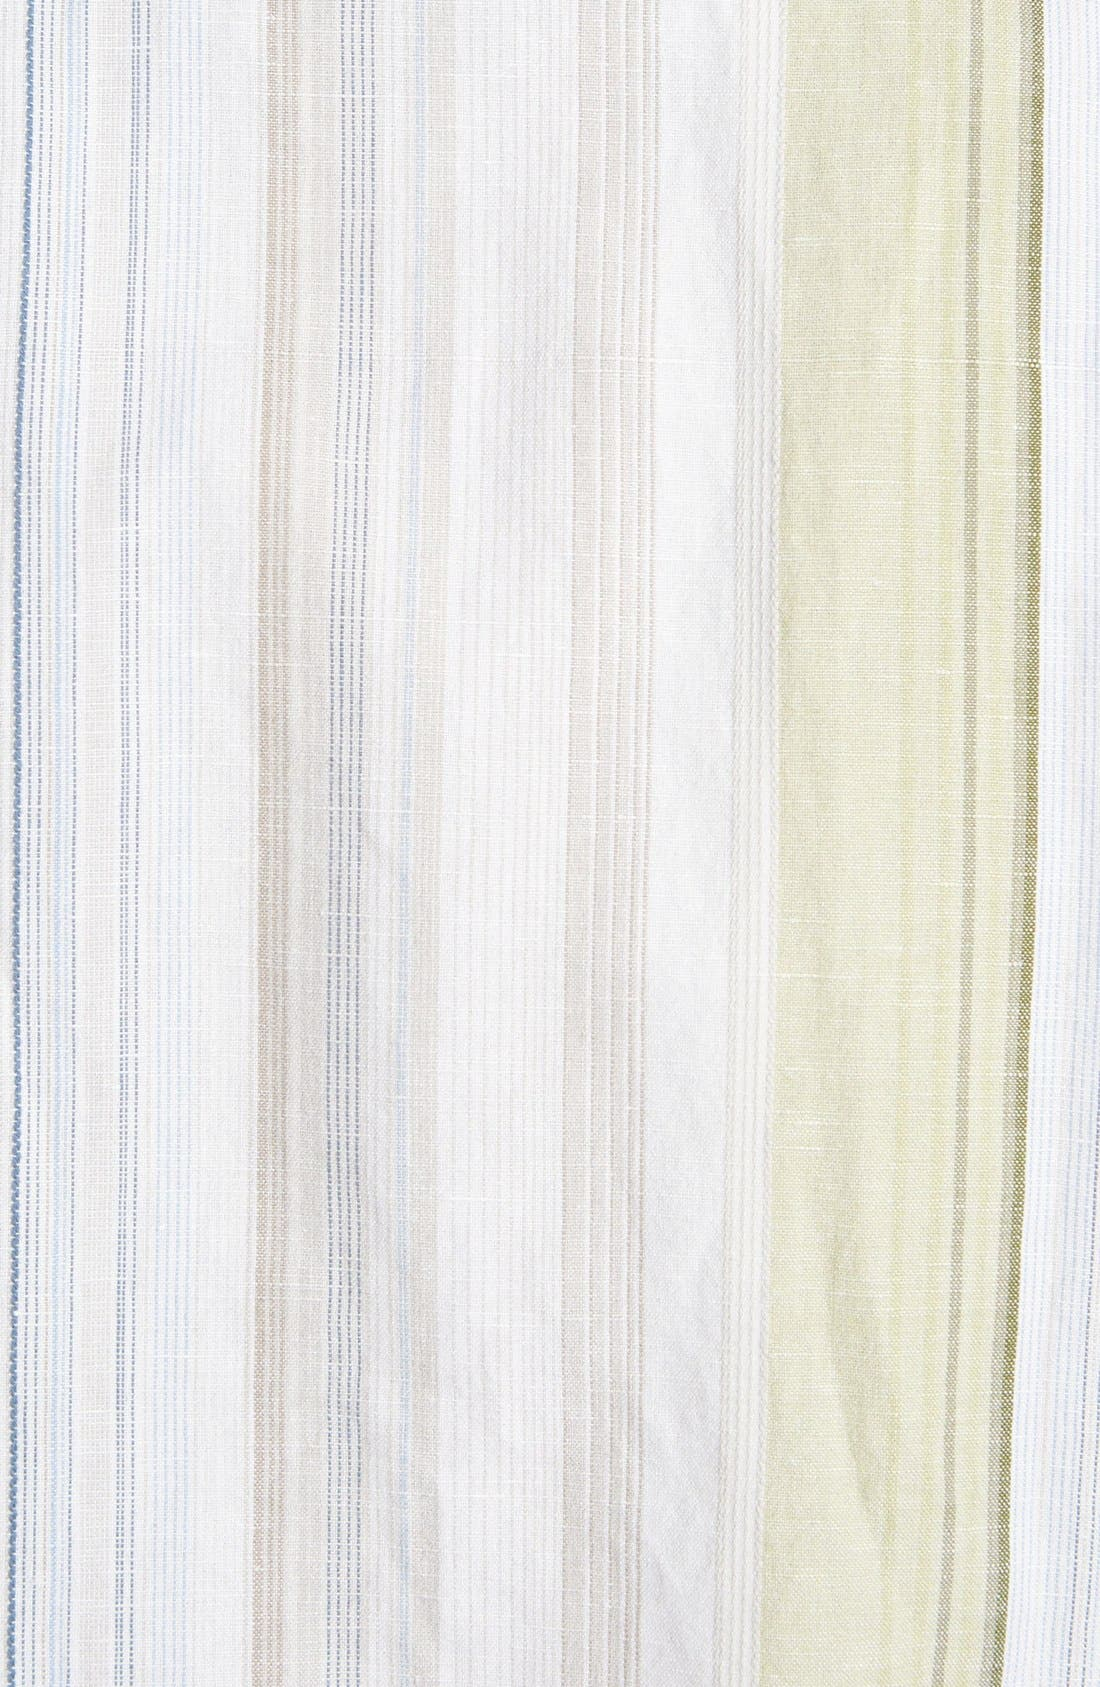 Alternate Image 3  - Tommy Bahama 'Tide Garden' Linen Blend Campshirt